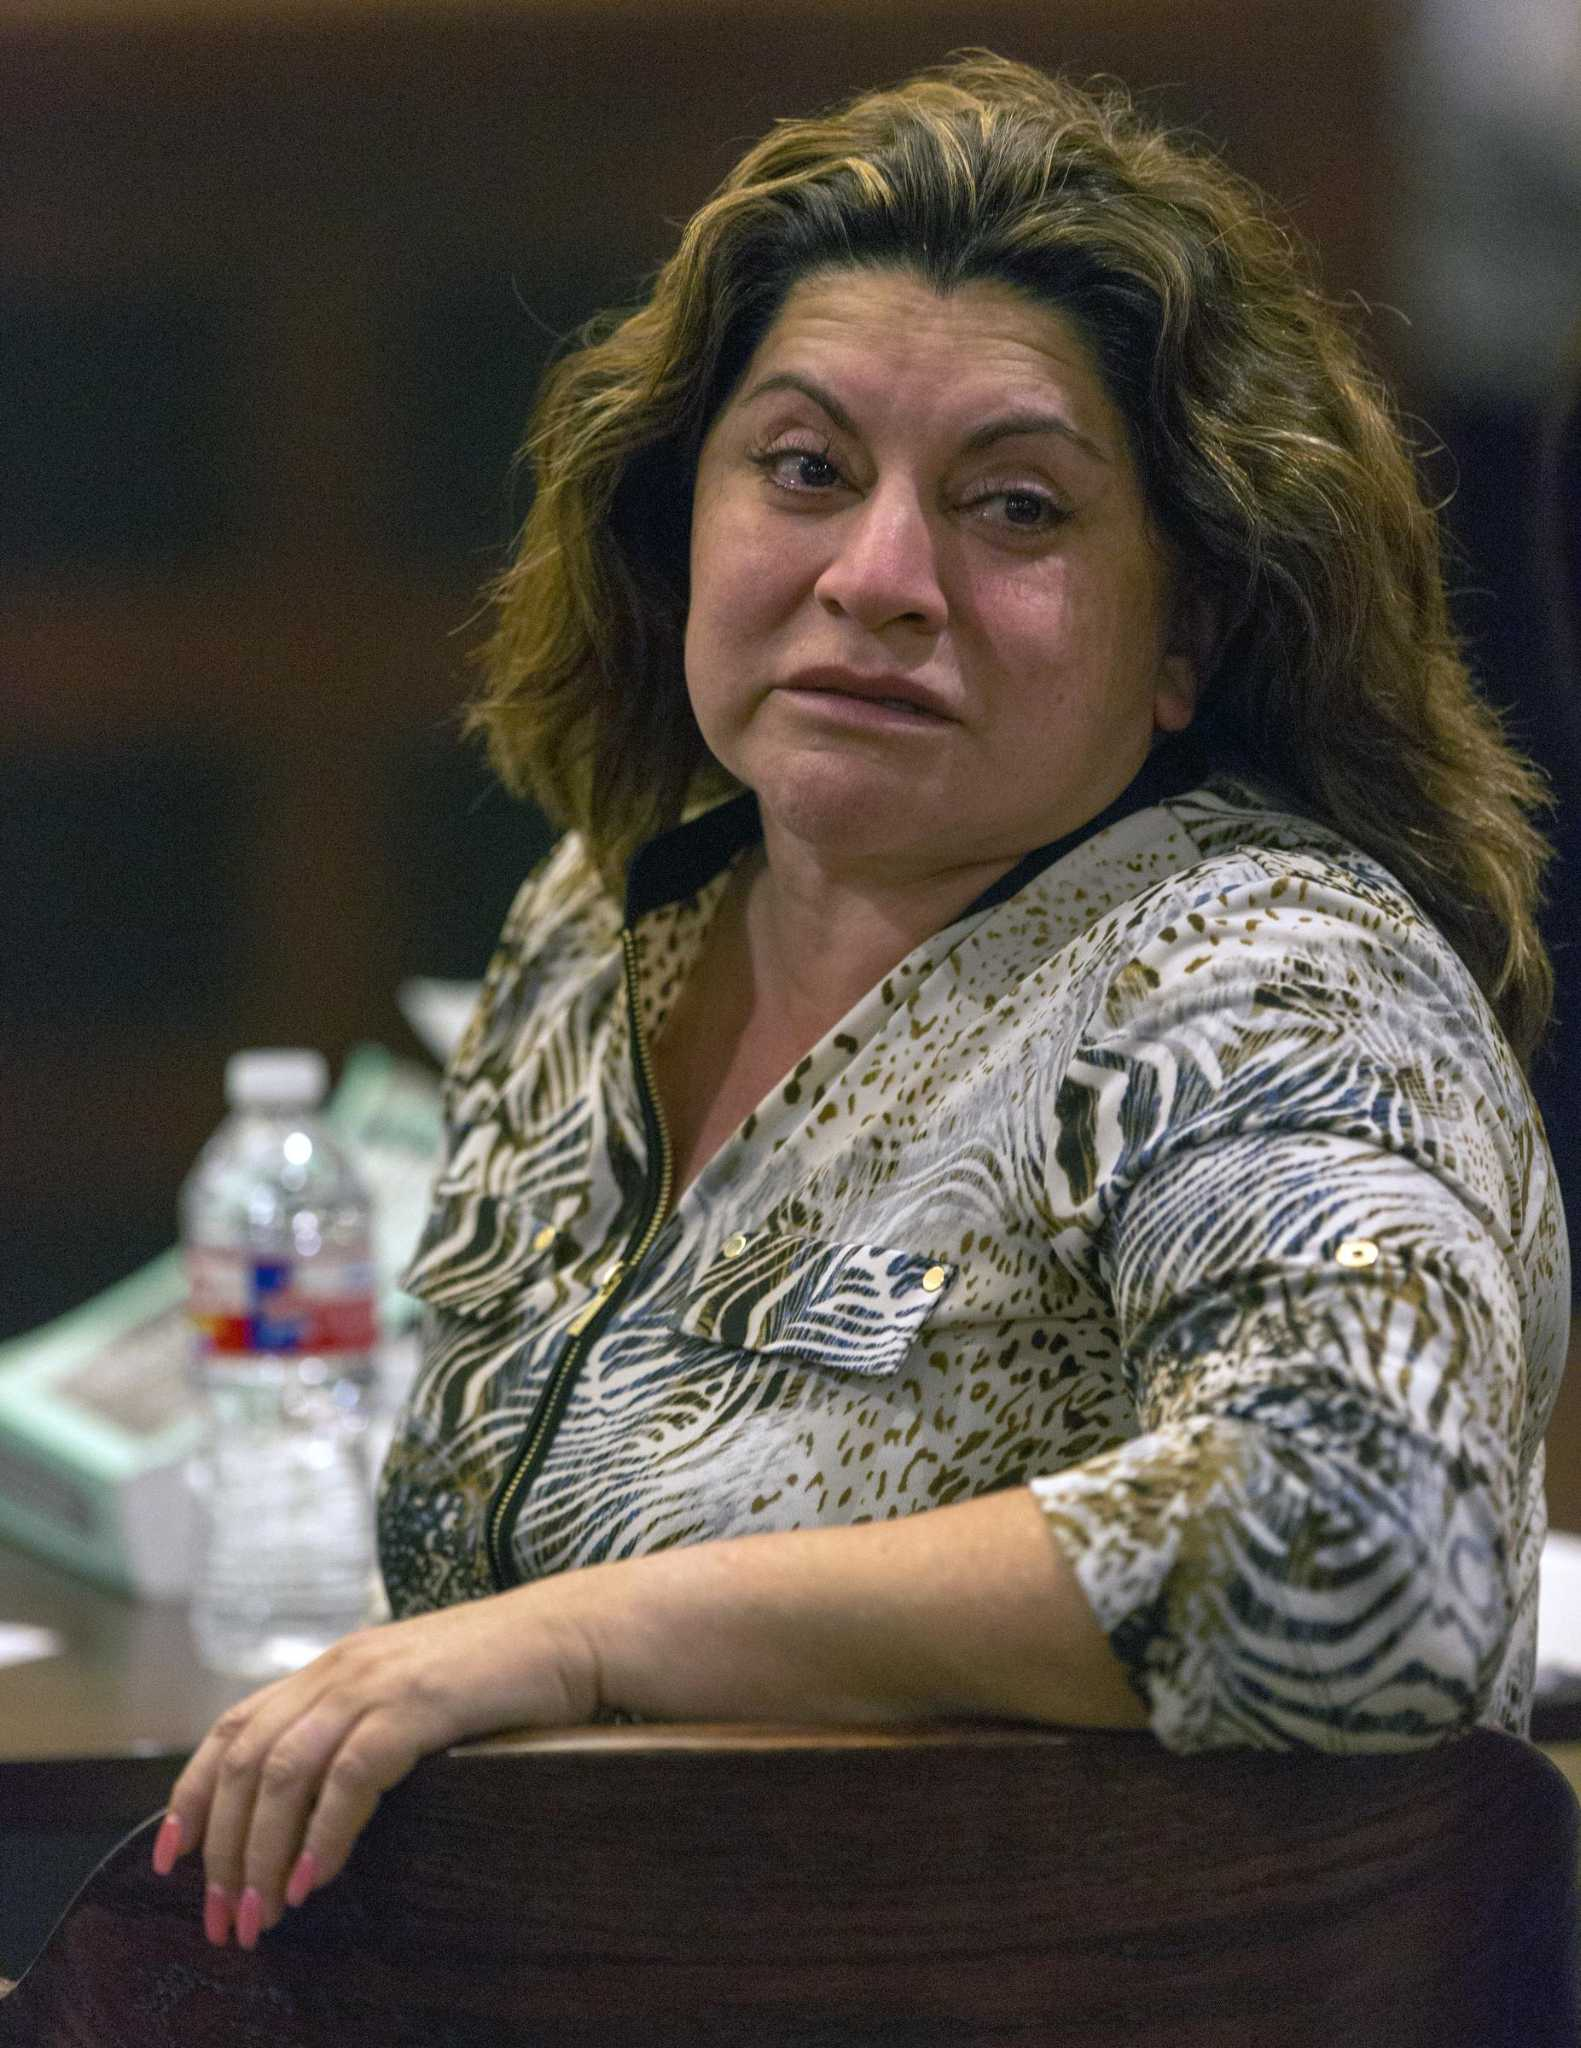 bill hall jr  trucking bankruptcy case dismissed